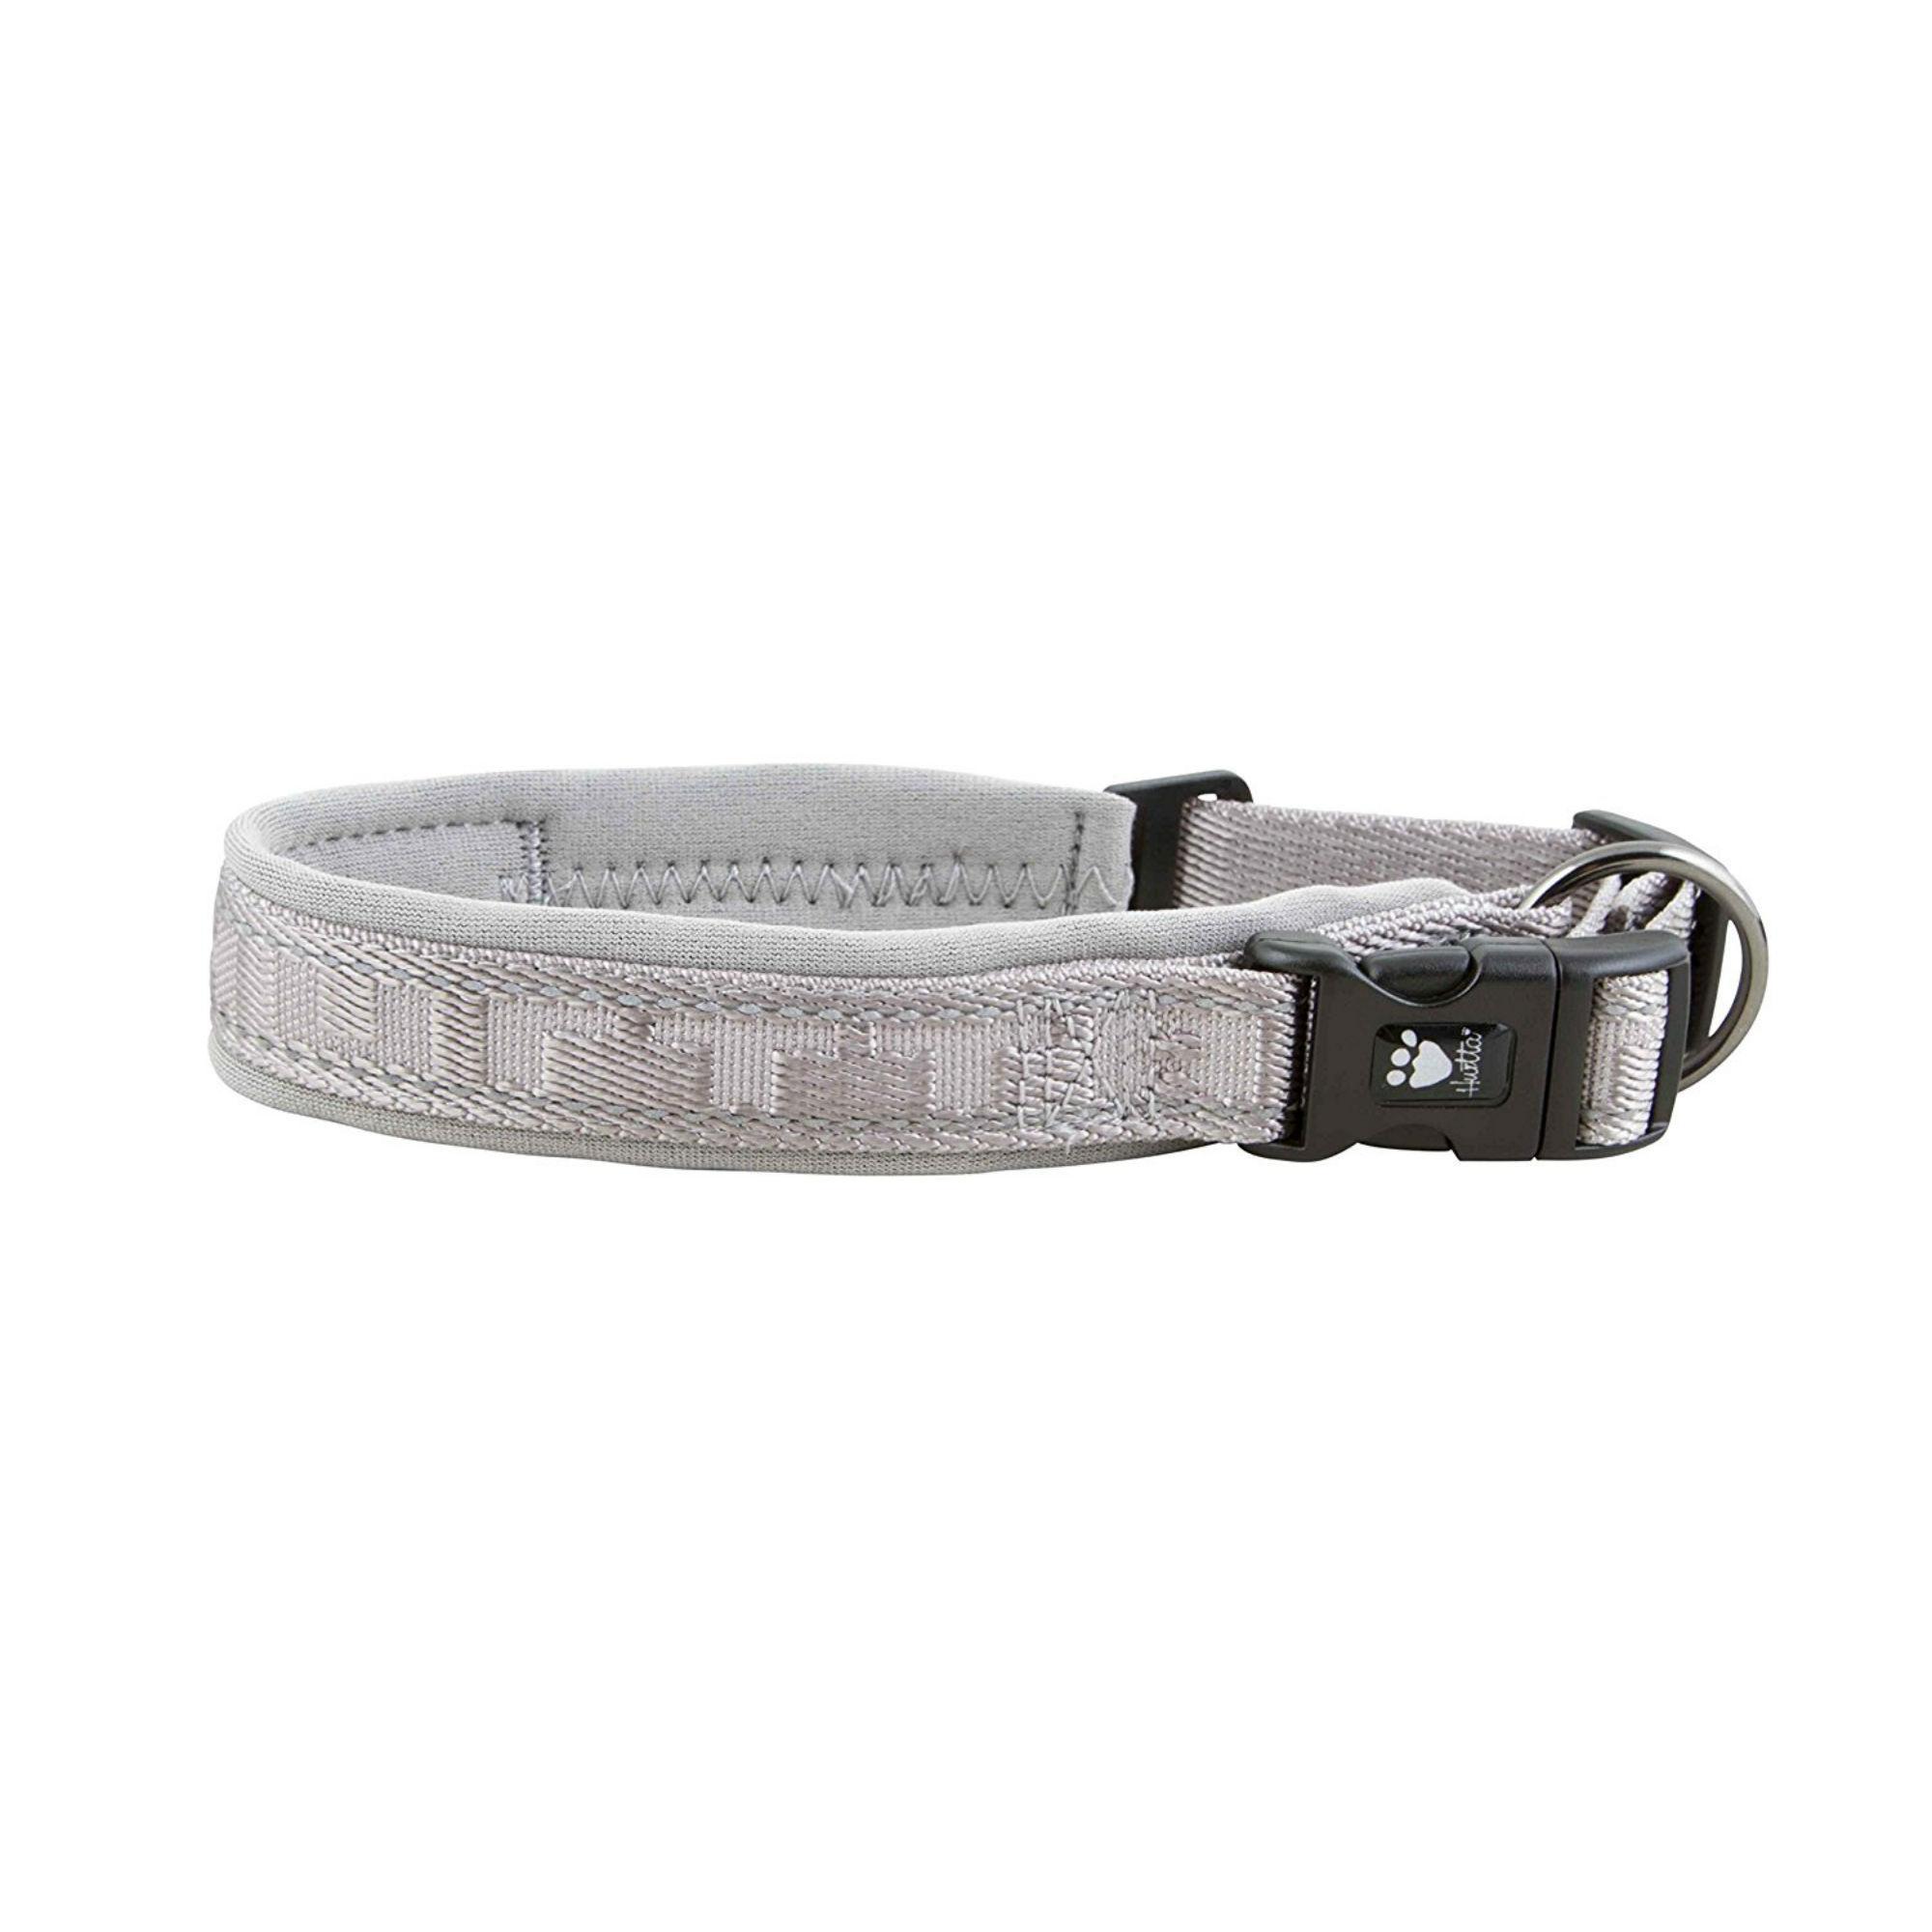 Hurtta Casual Padded Dog Collar - Ash